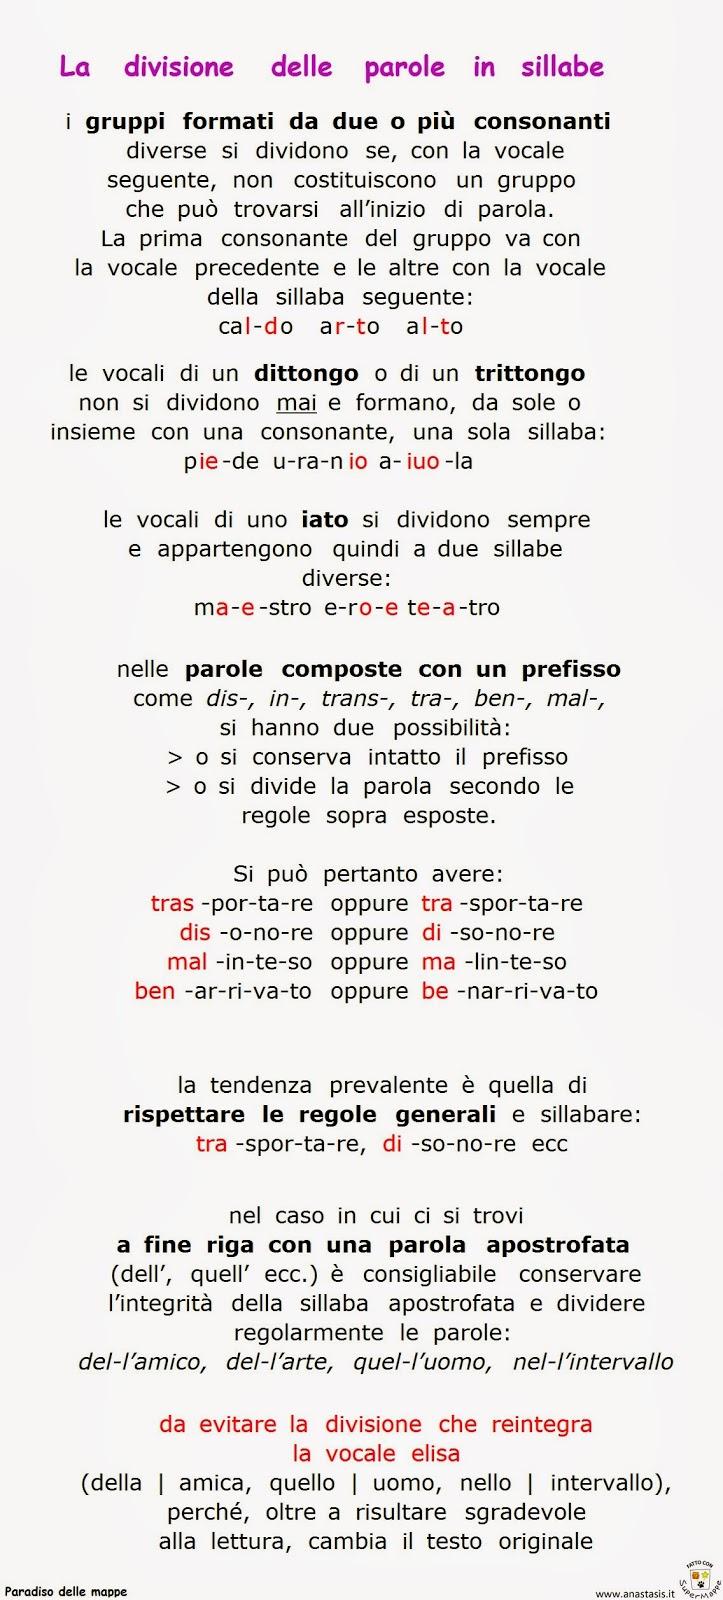 Top Paradiso delle mappe: La divisione delle parole in sillabe 2^ parte MI08